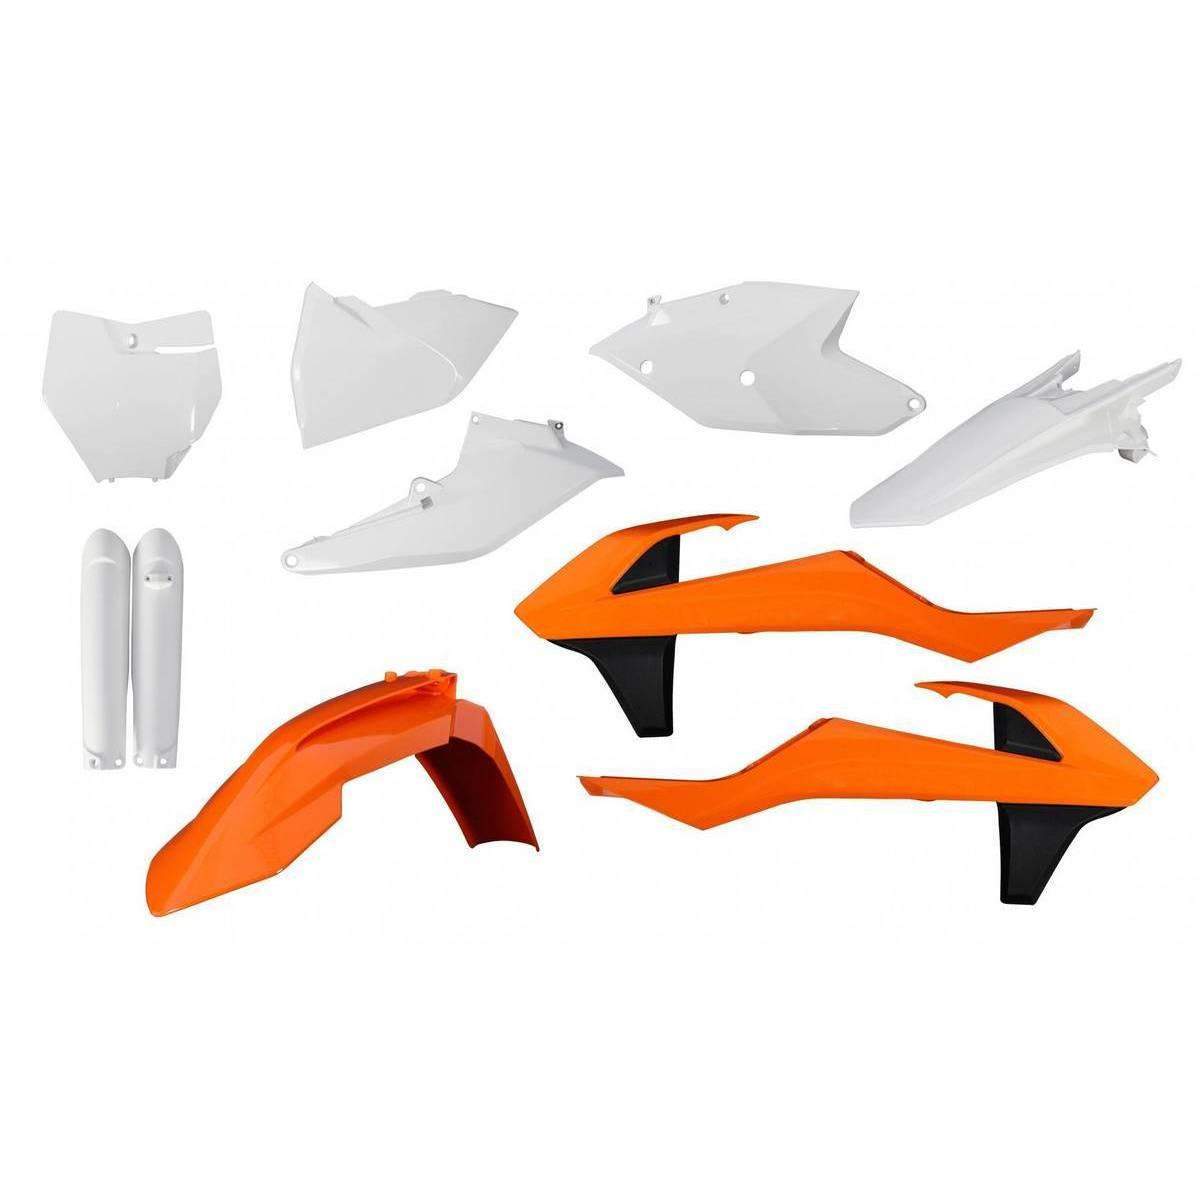 0021741-553 - Full Kit Plasticos Sxf 16 18 Origen